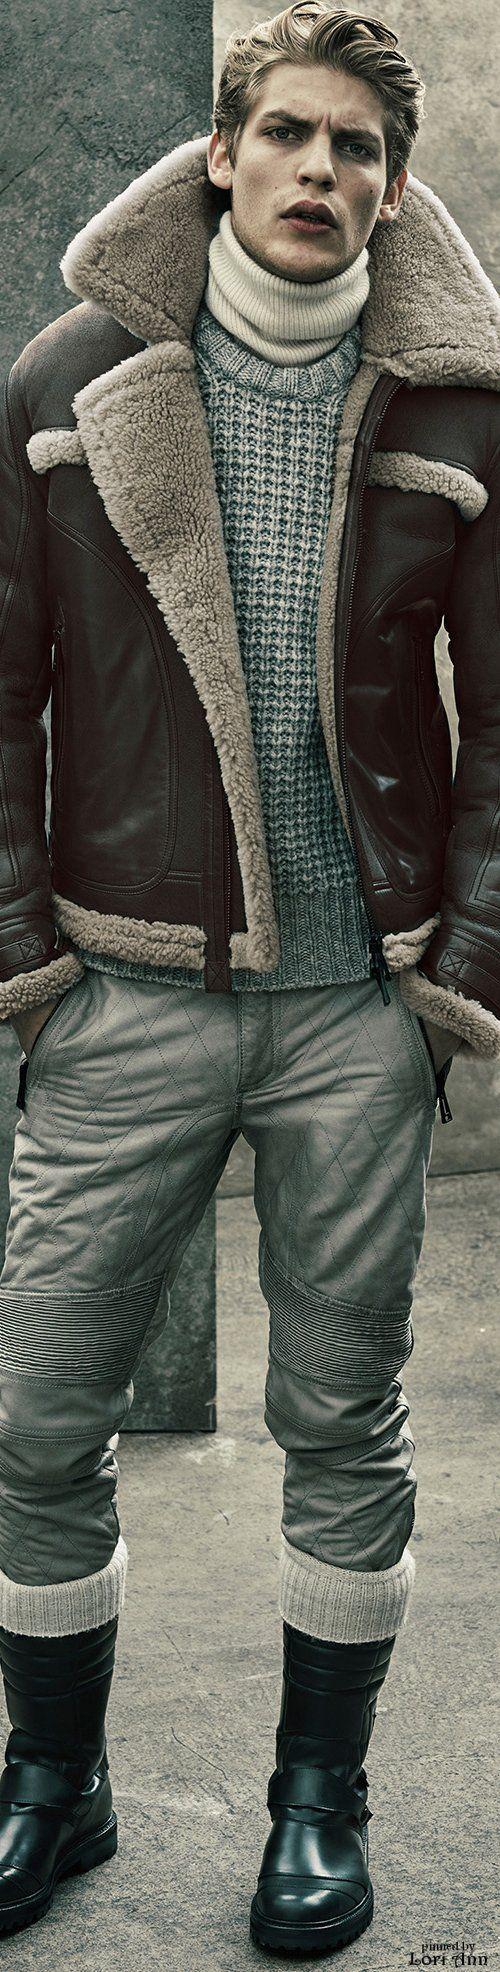 Belstaff Fall 2015 Menswear. Chaqueta en piel con forro de cordero. Estilo aviador. Pantalón en piel.